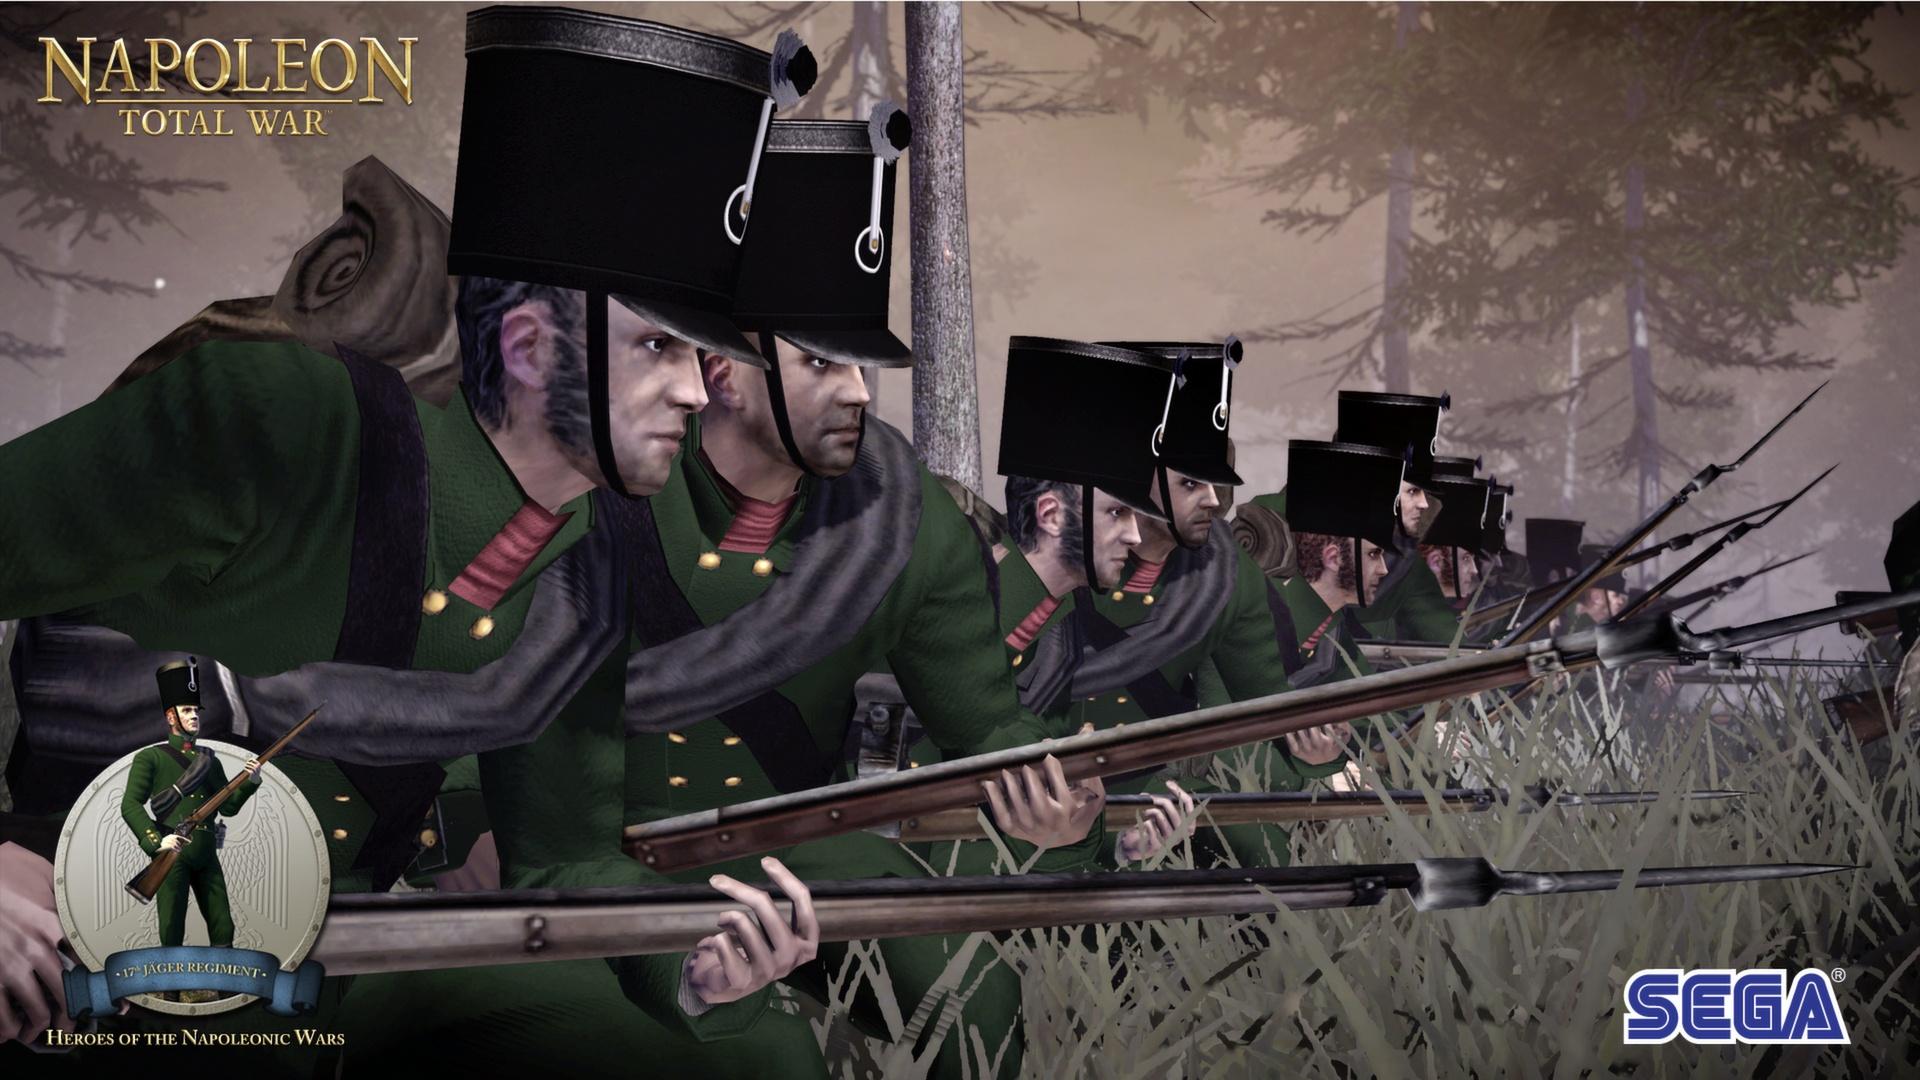 Napoleon Total War Wallpapers 1920x1080